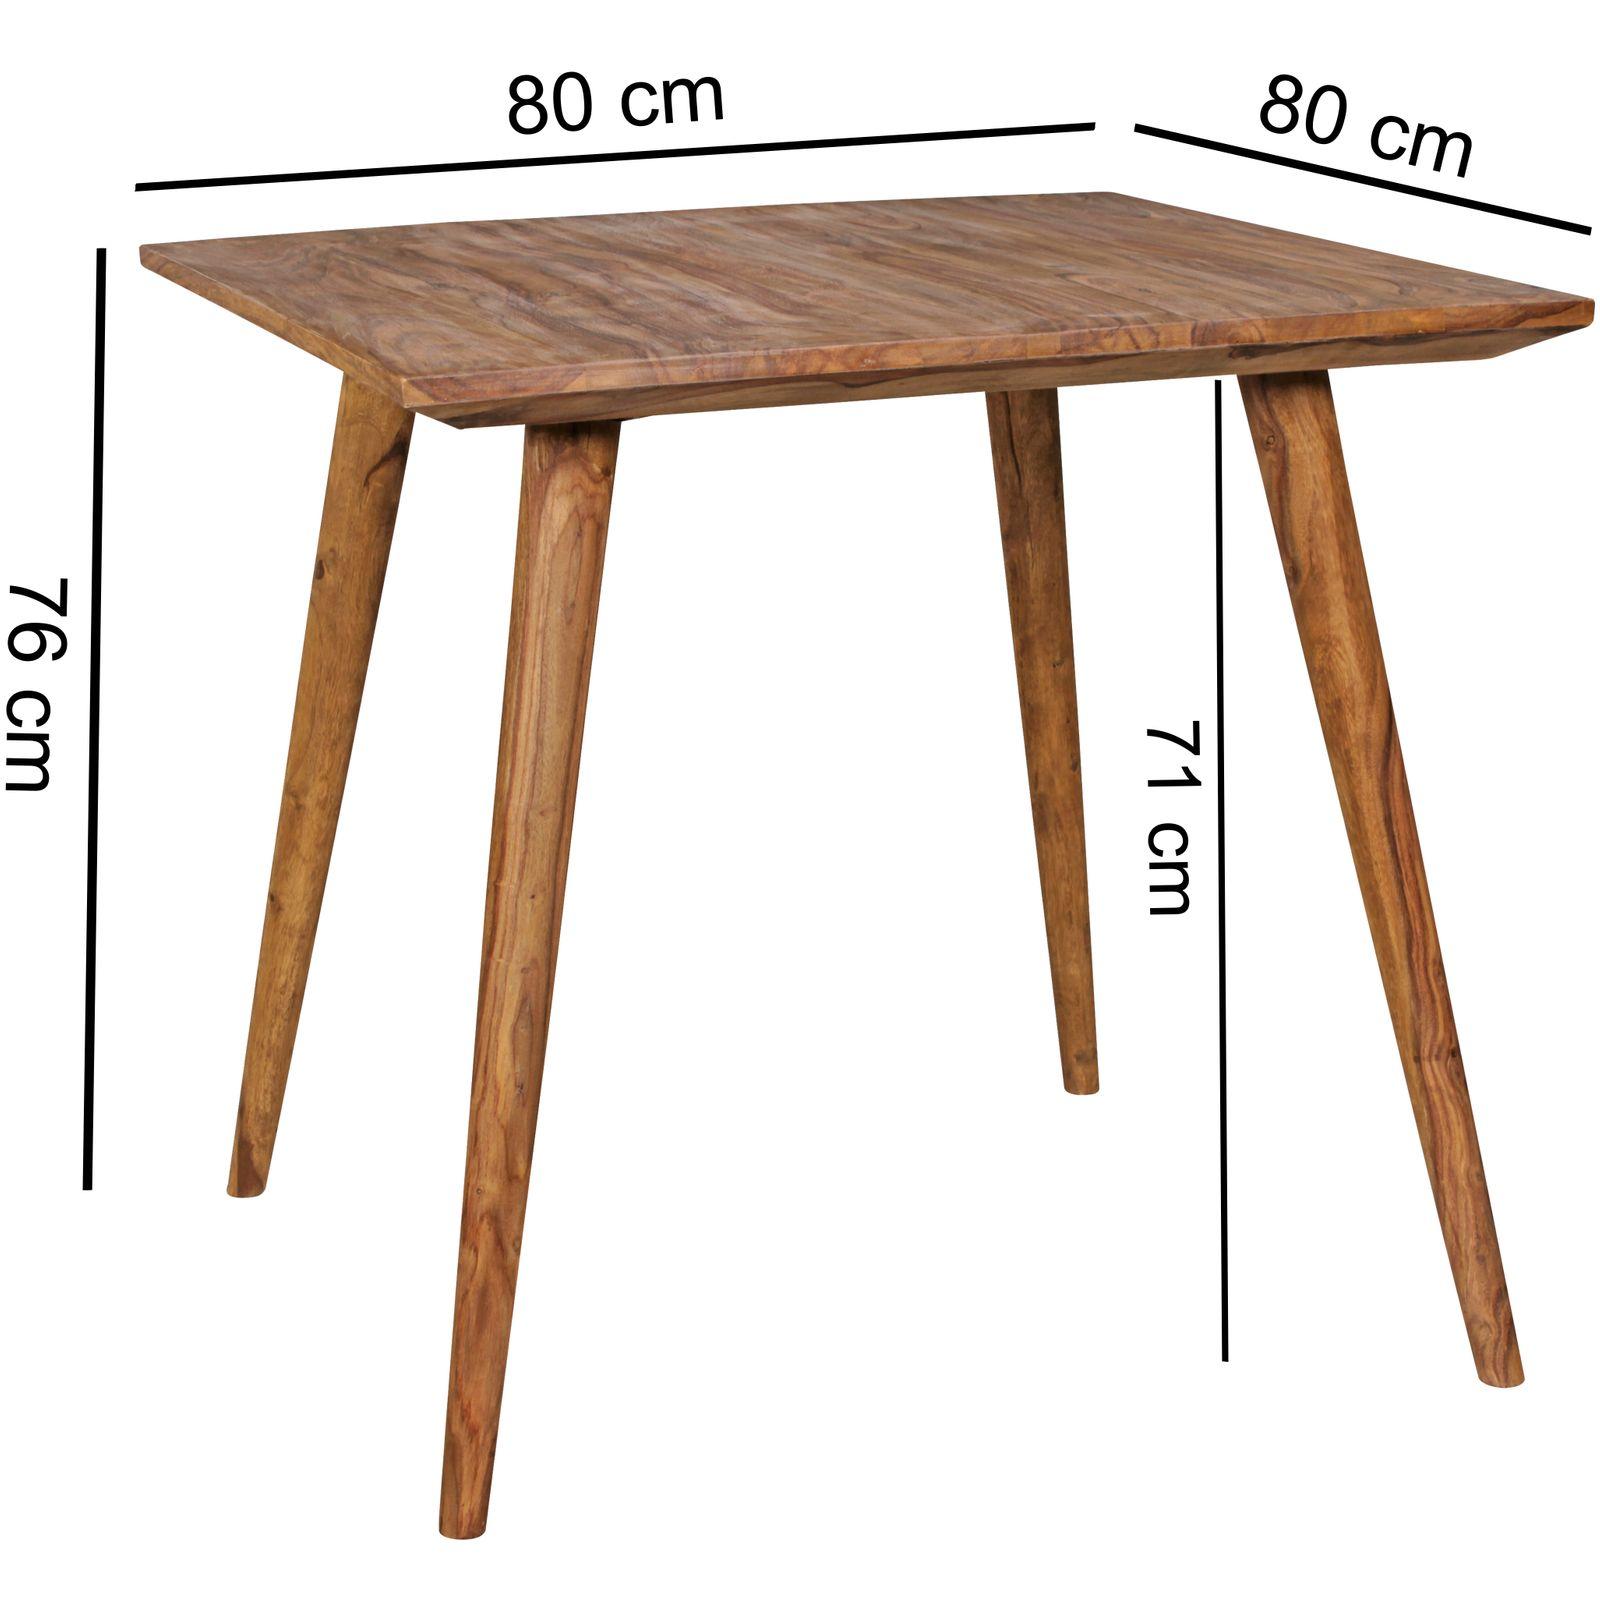 Full Size of Tisch Quadratisch 140x140 Esstisch 150x150 Ausziehbar Quadratischer 160x160 120x120 Holz Weiss 140 X Eiche 8 Personen Vintage Kleiner Weiß Massivholz Teppich Esstische Esstisch Quadratisch